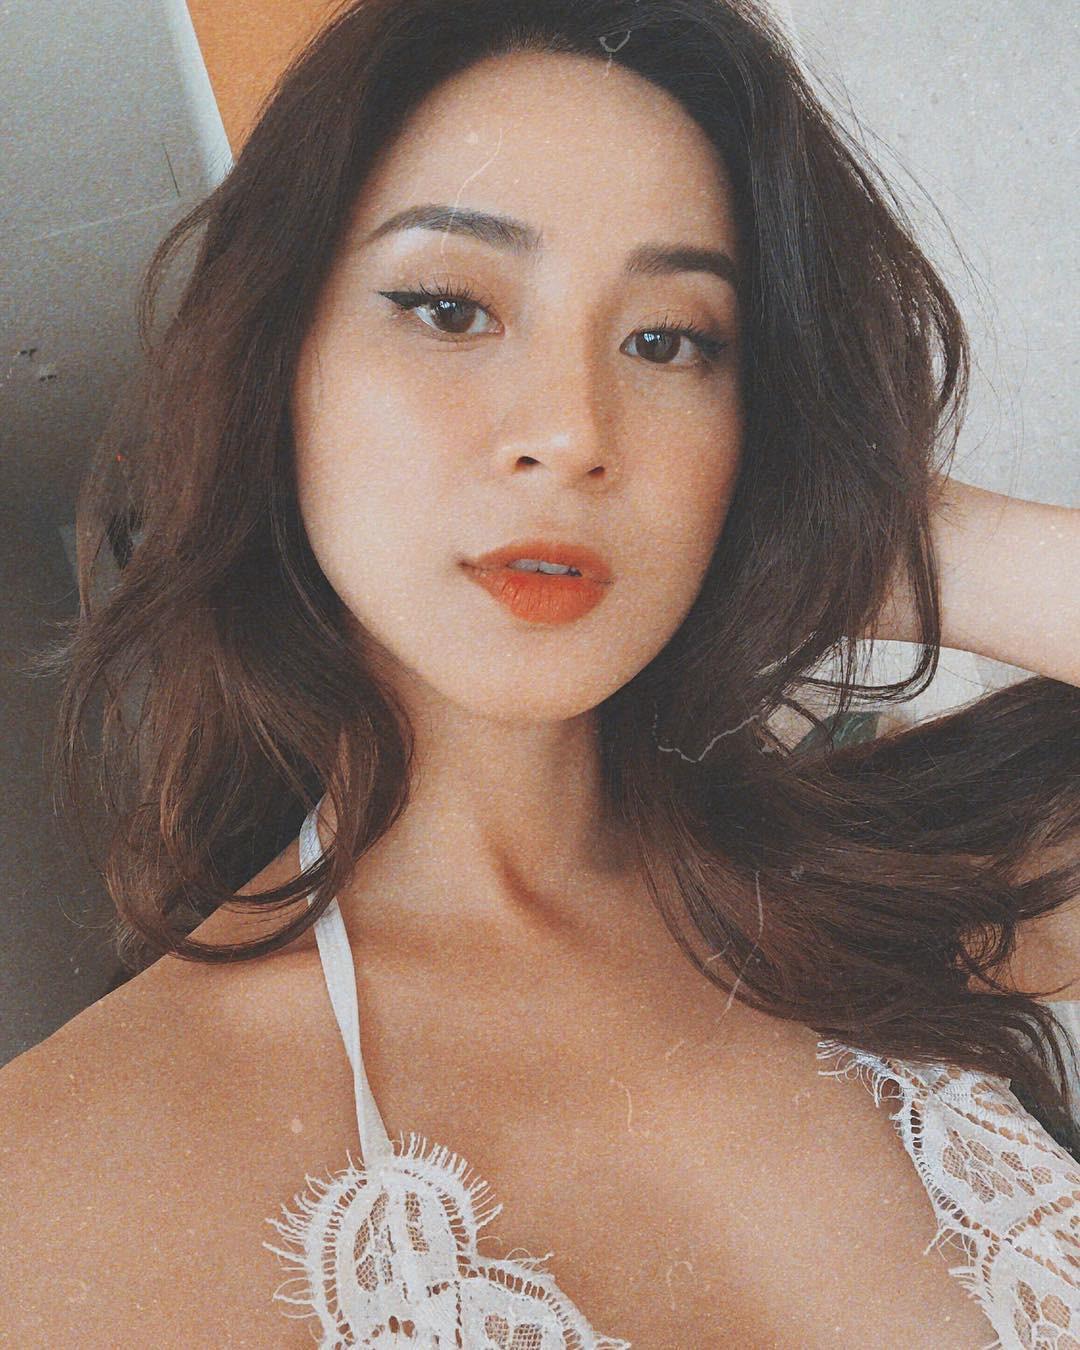 Đến hot girl như Miss Audition Ngọc Anh cũng gặp phải rắc rối với câu cắt tóc y hình - Ảnh 1.